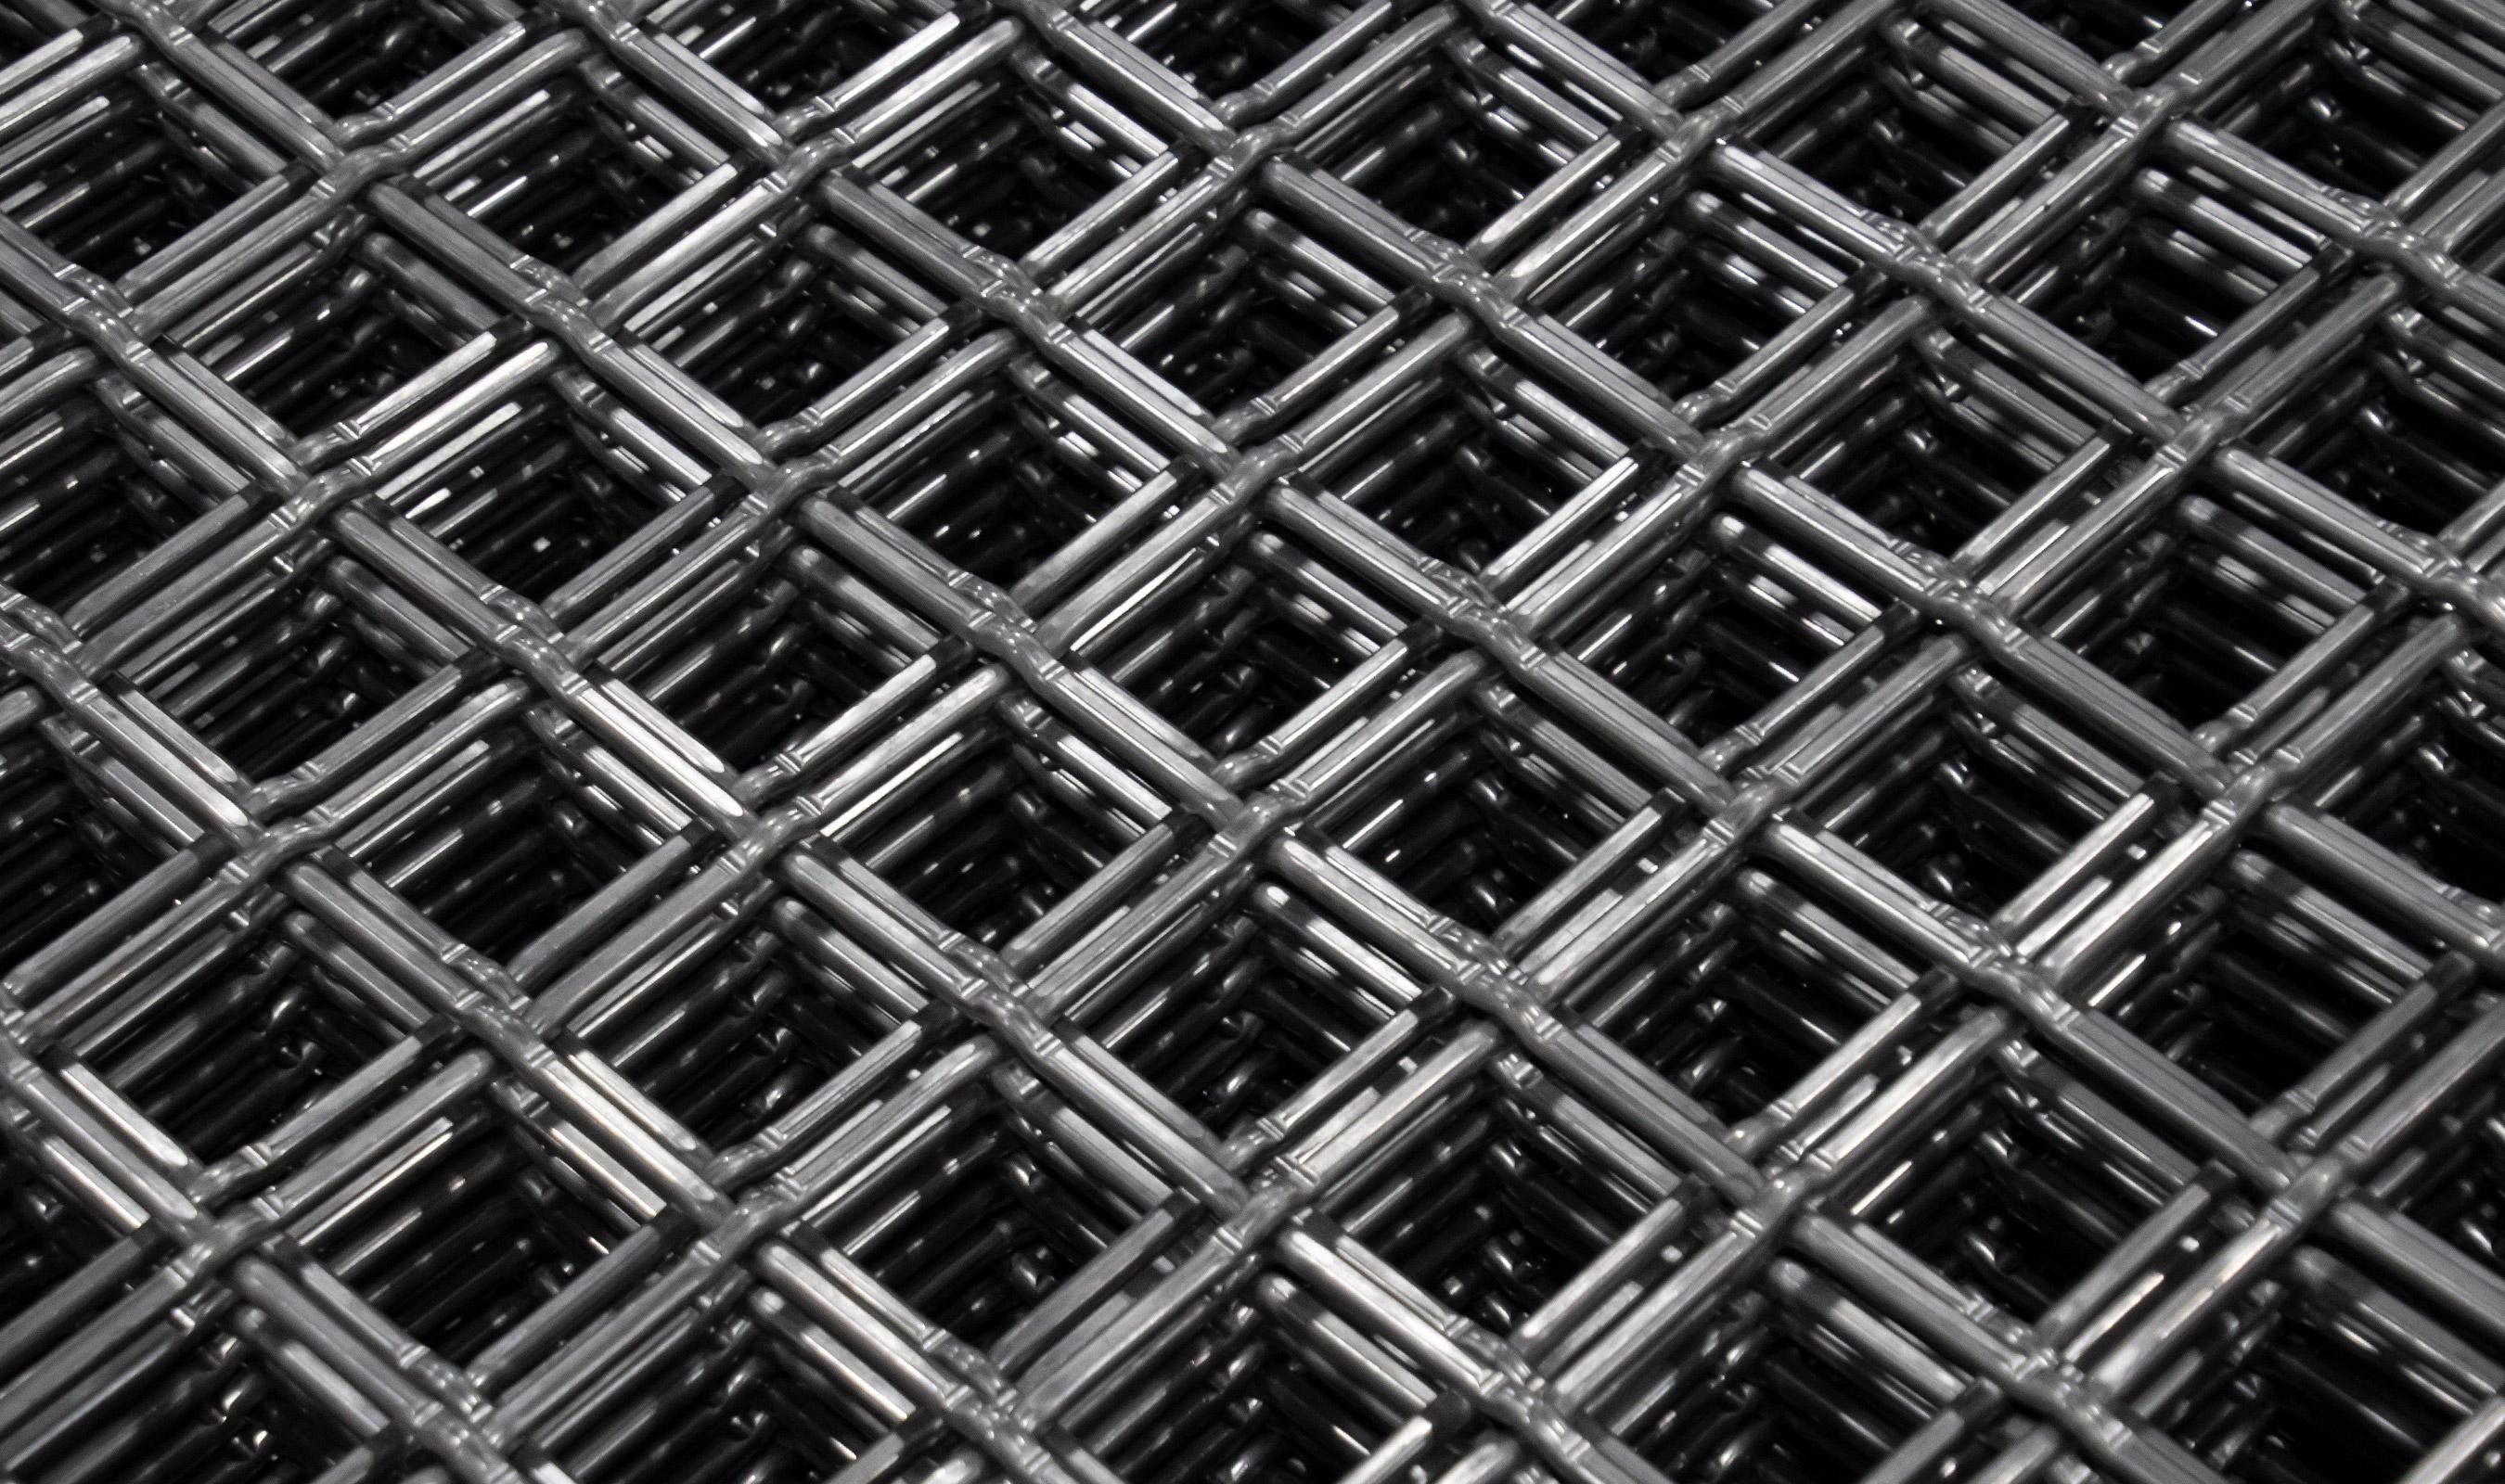 L-64 Woven wire mesh in plain steel